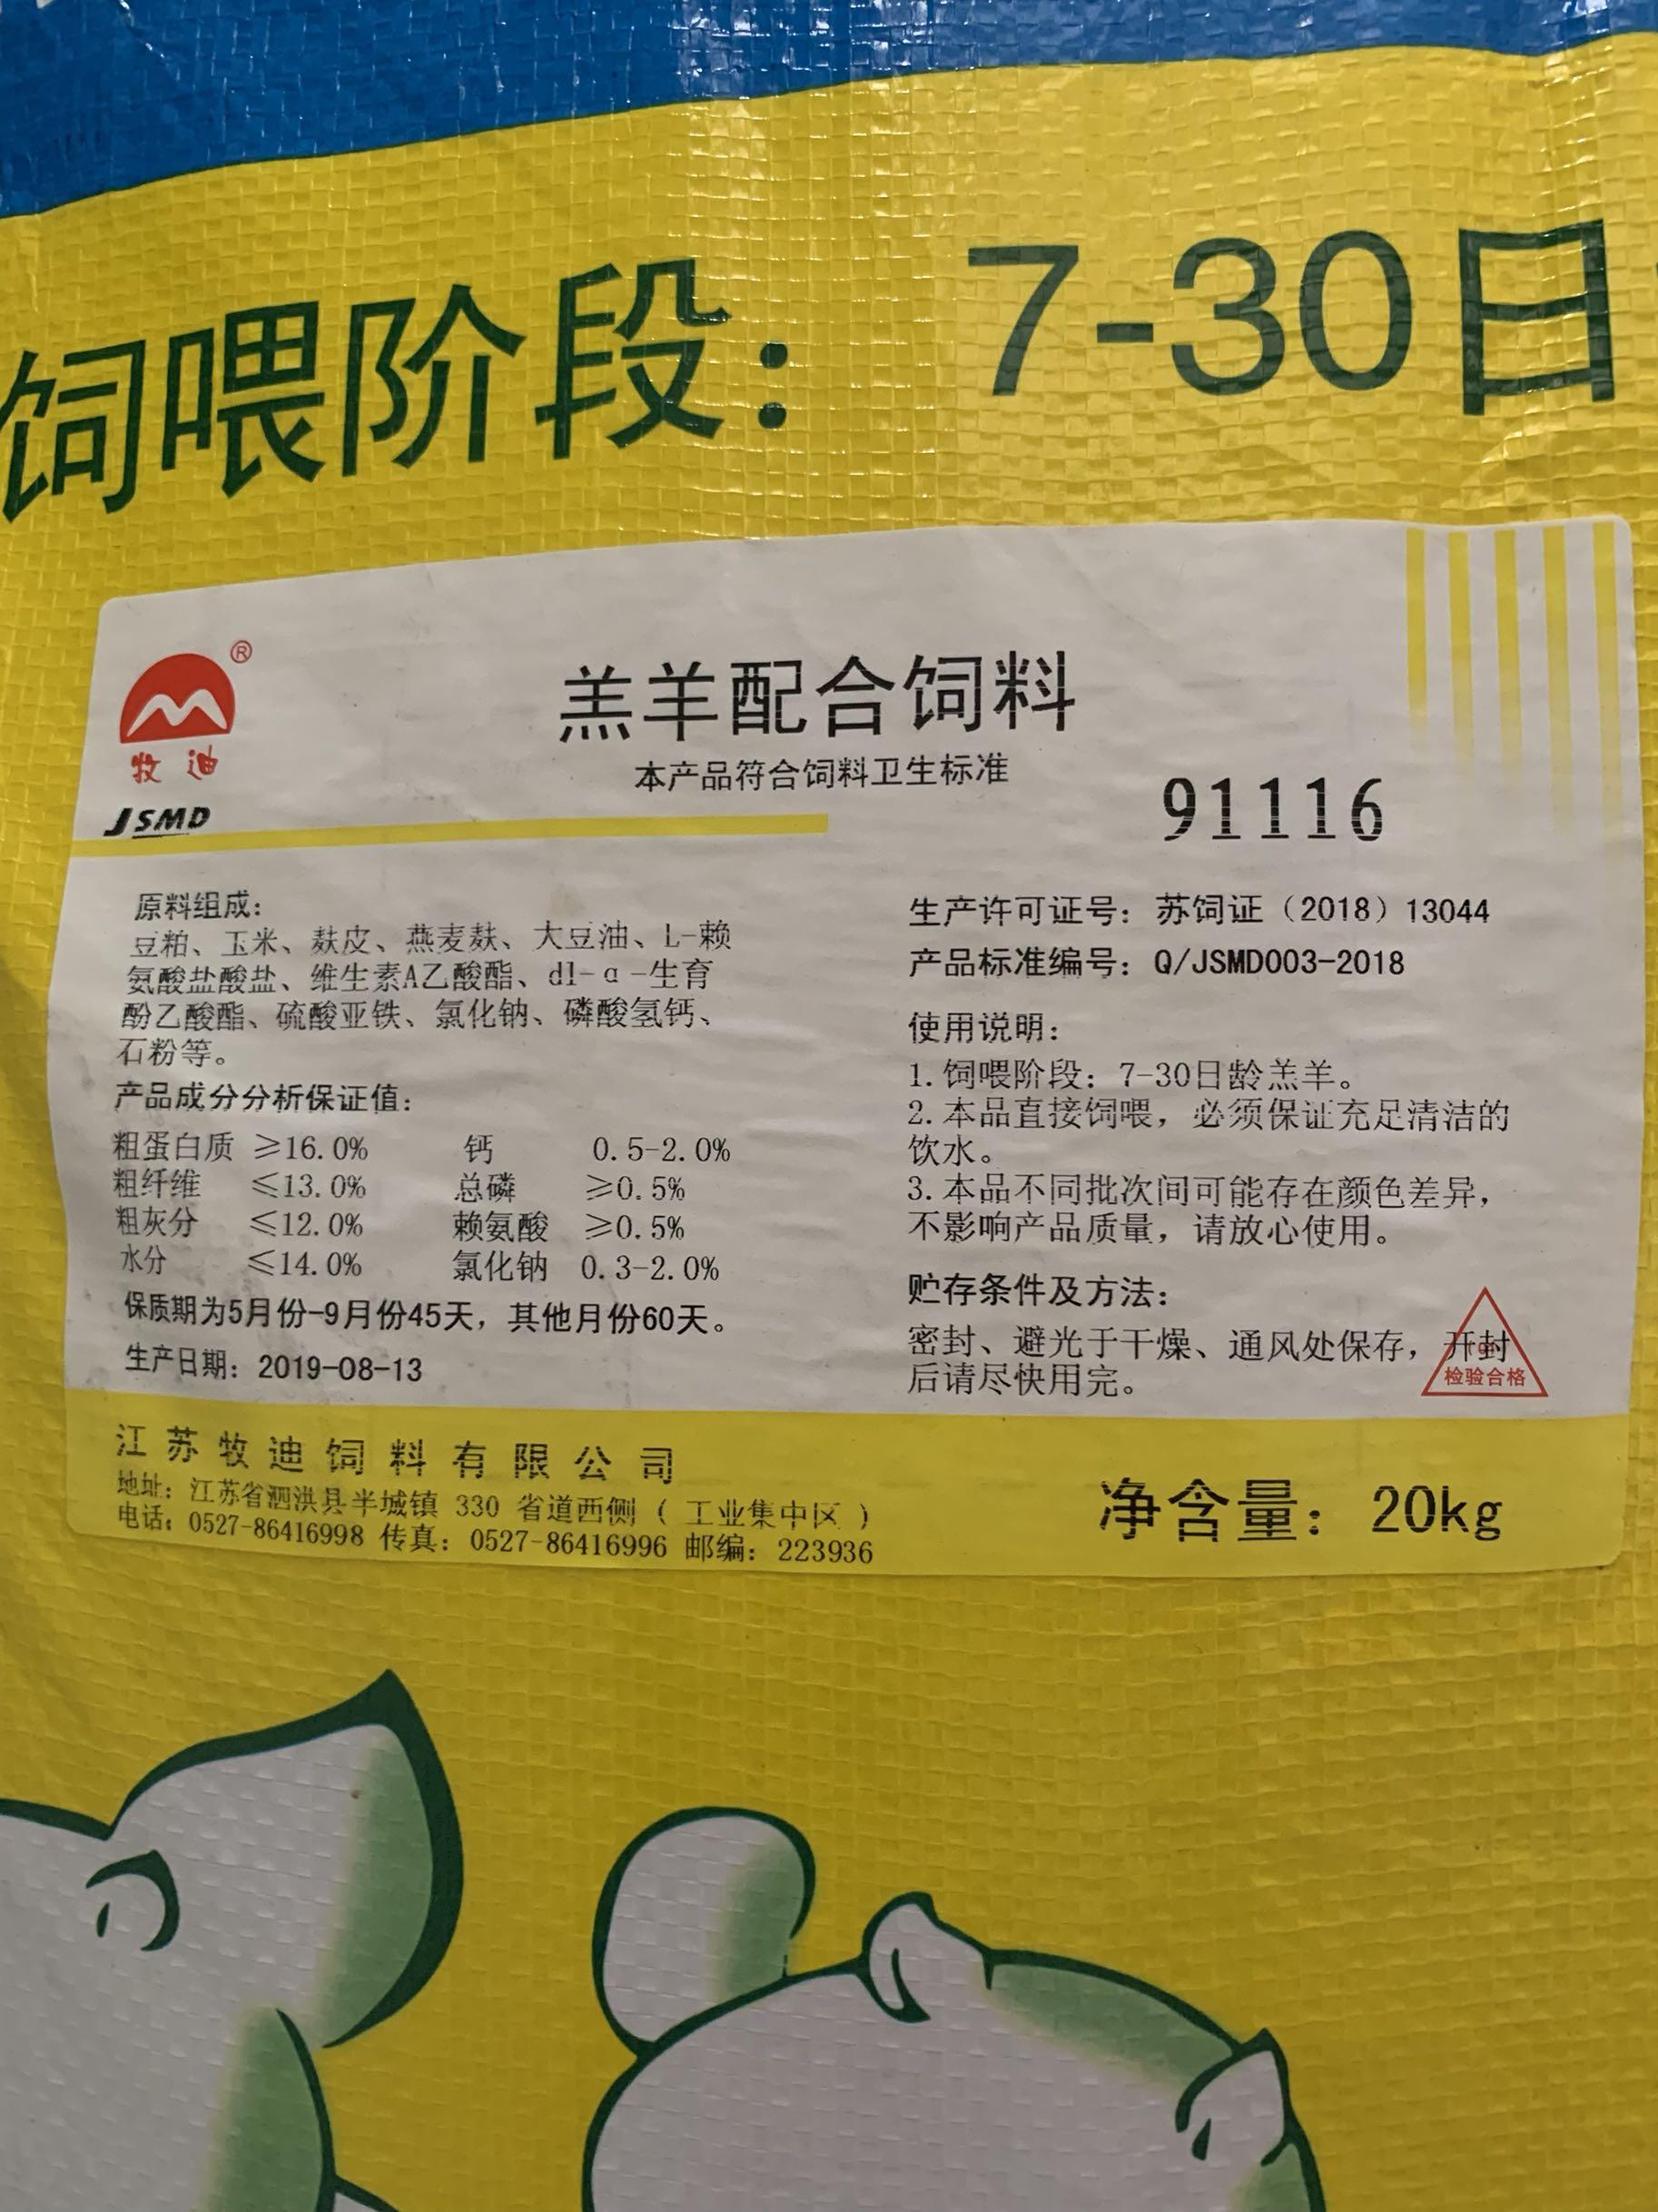 江蘇牧迪91116子羊教槽は飼料と豊富な栄養を配合して、子羊のために強健な体質を提供します。